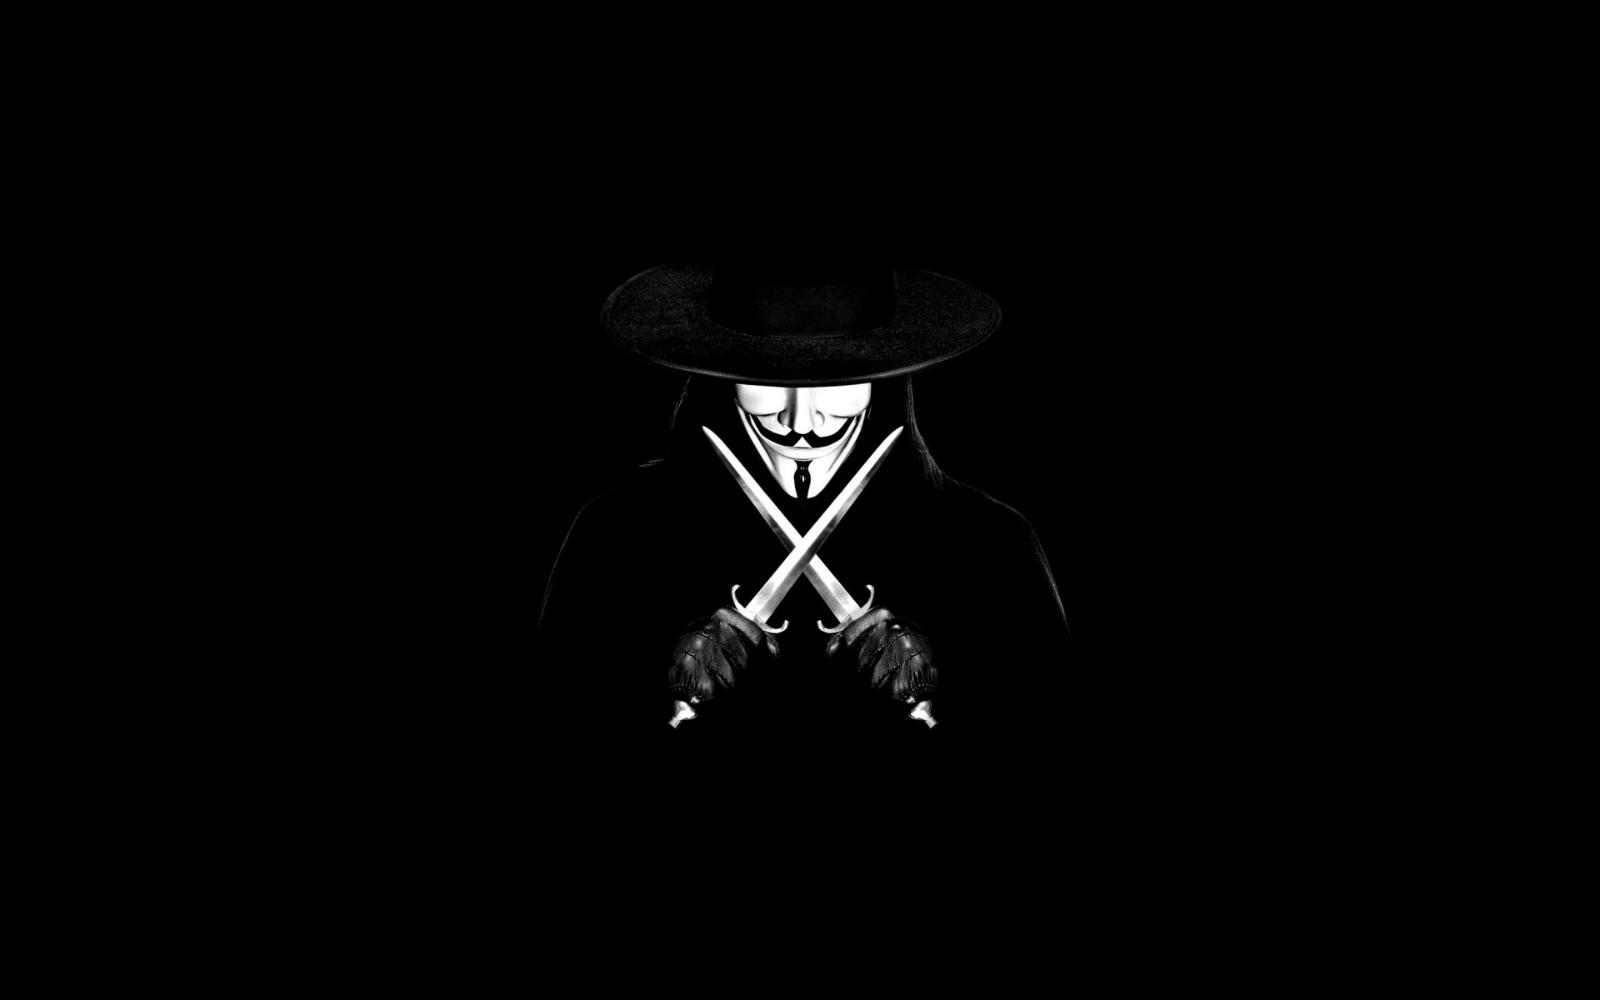 Kaliteli Resim: V For Vendetta Poster, Guy Fawkes Mask & Logos HD Wallpapers